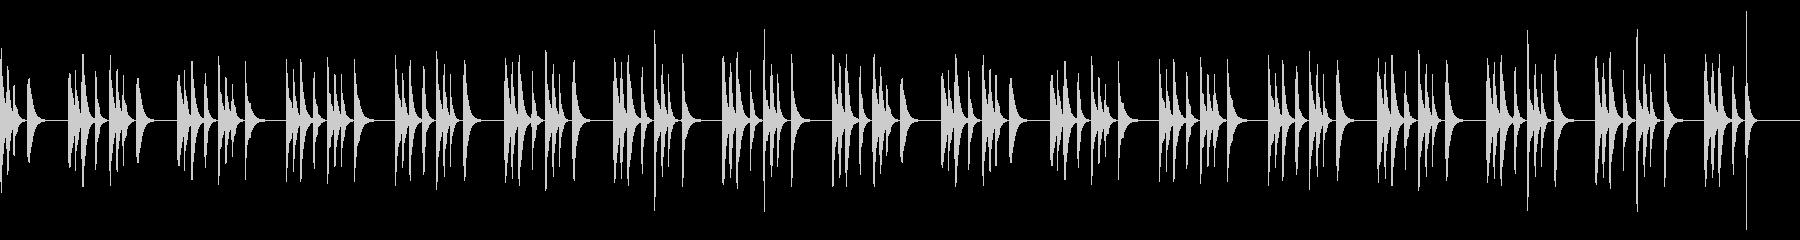 マリンバ・どんぐり・まつぼっくり・穏やかの未再生の波形